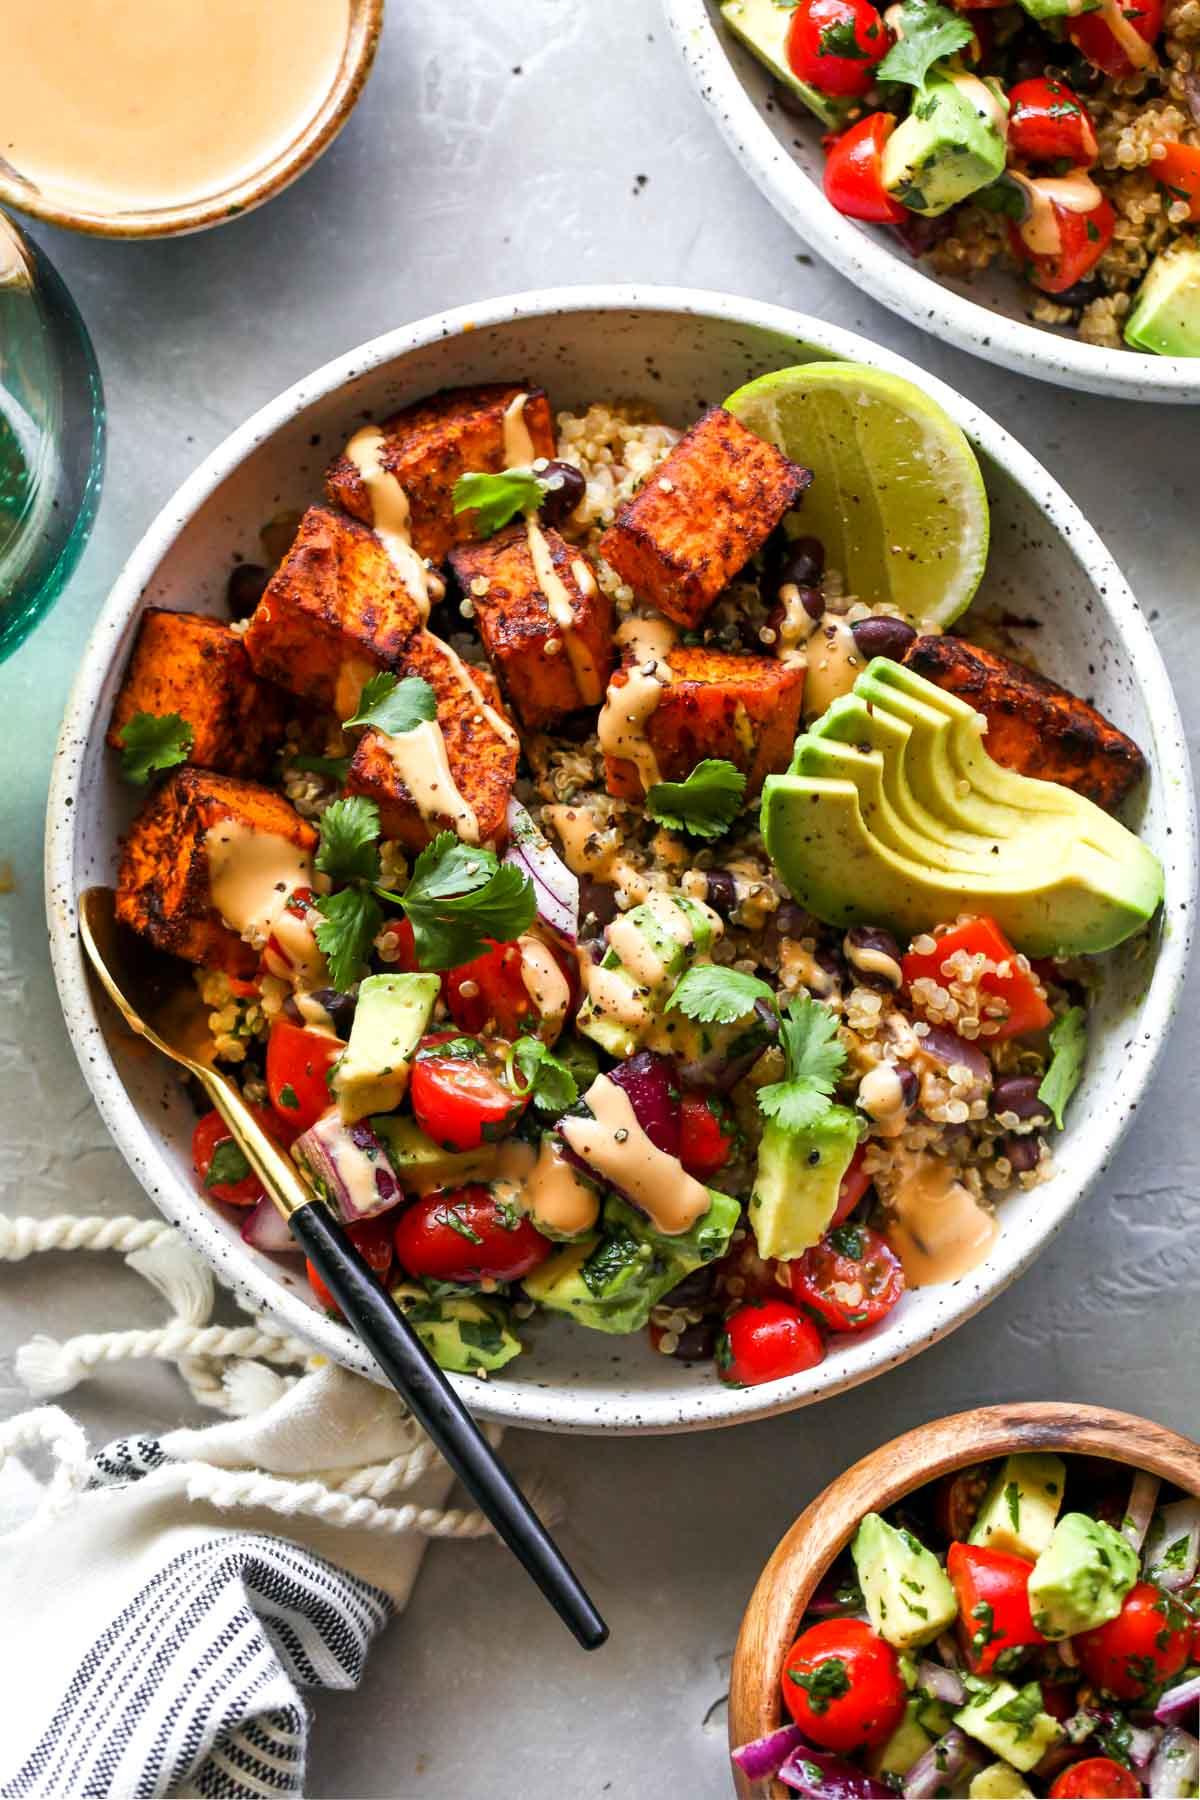 Sweet potato vegetarian burrito bowls topped with tahini sauce